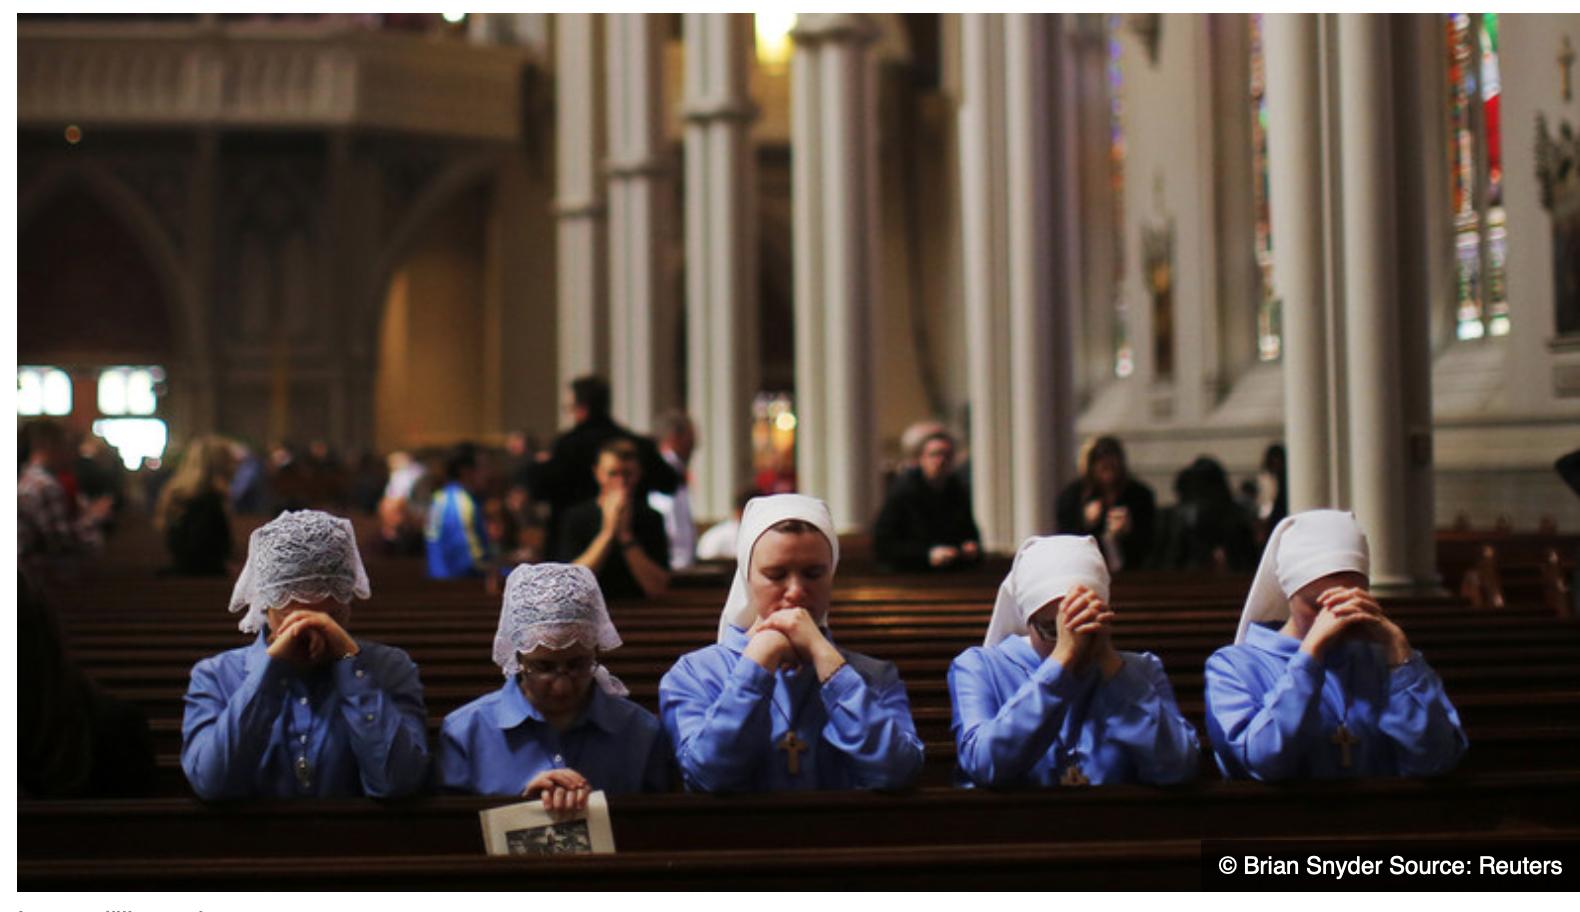 Allah Akbar dans l'église croate de Munich : un Somalien crée la panique pendant la messe de Pâques